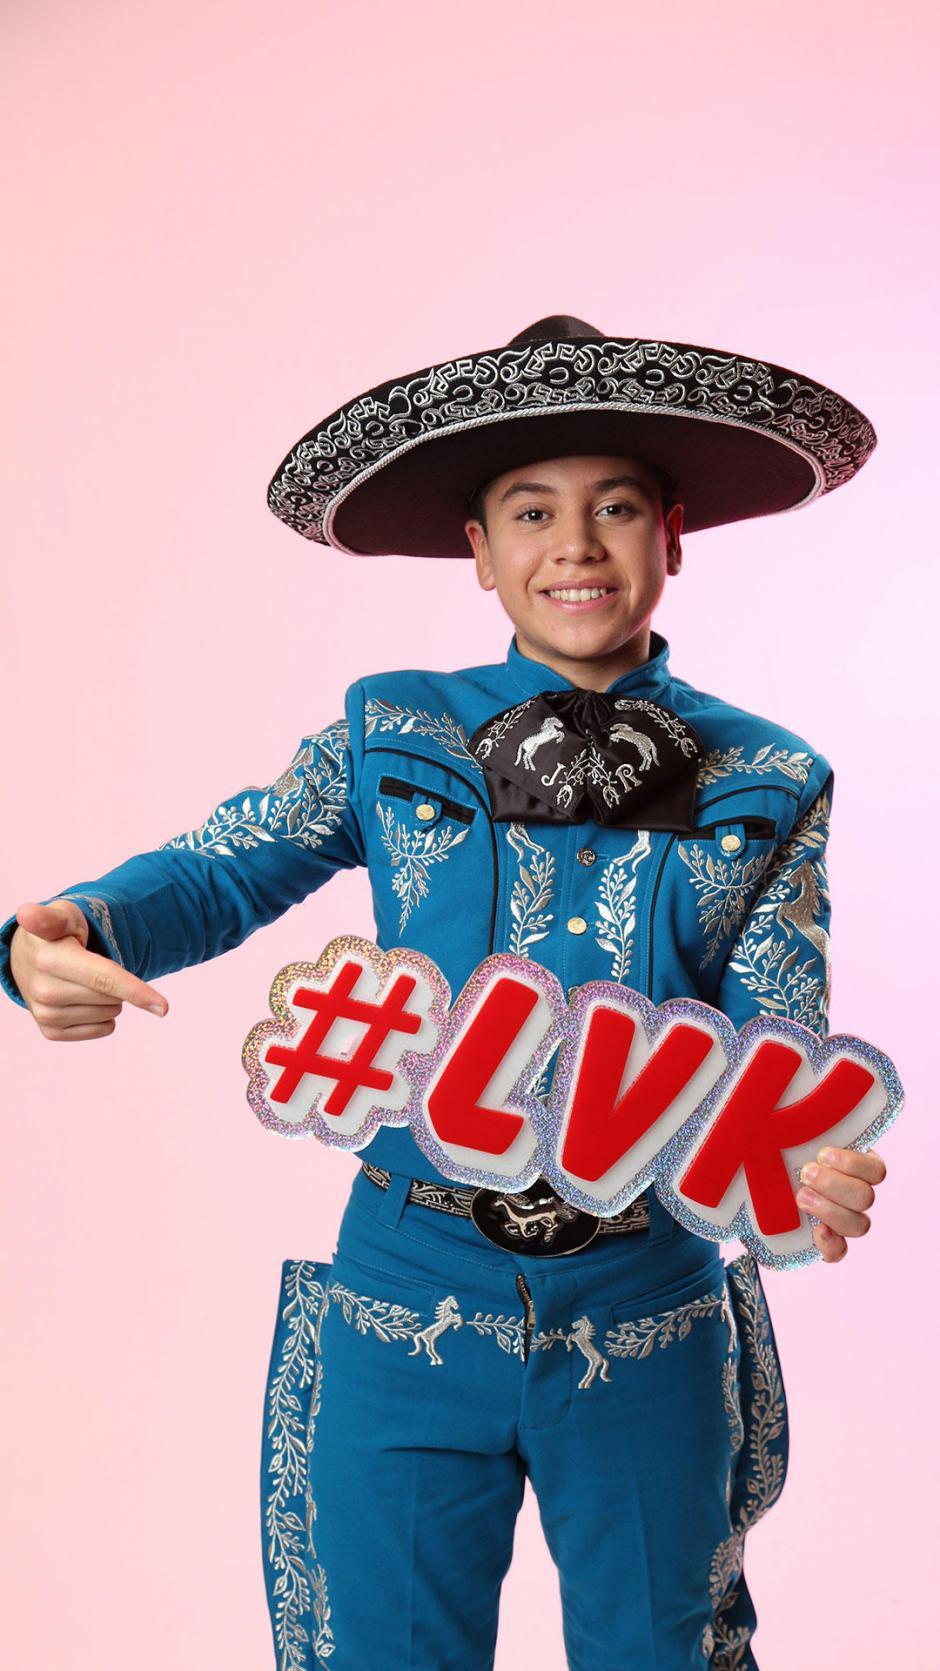 El gusto por la música mexicana mantiene vivo su sueño de convertirse en una estrella musical. (Foto: La Voz Kids Telemundo)